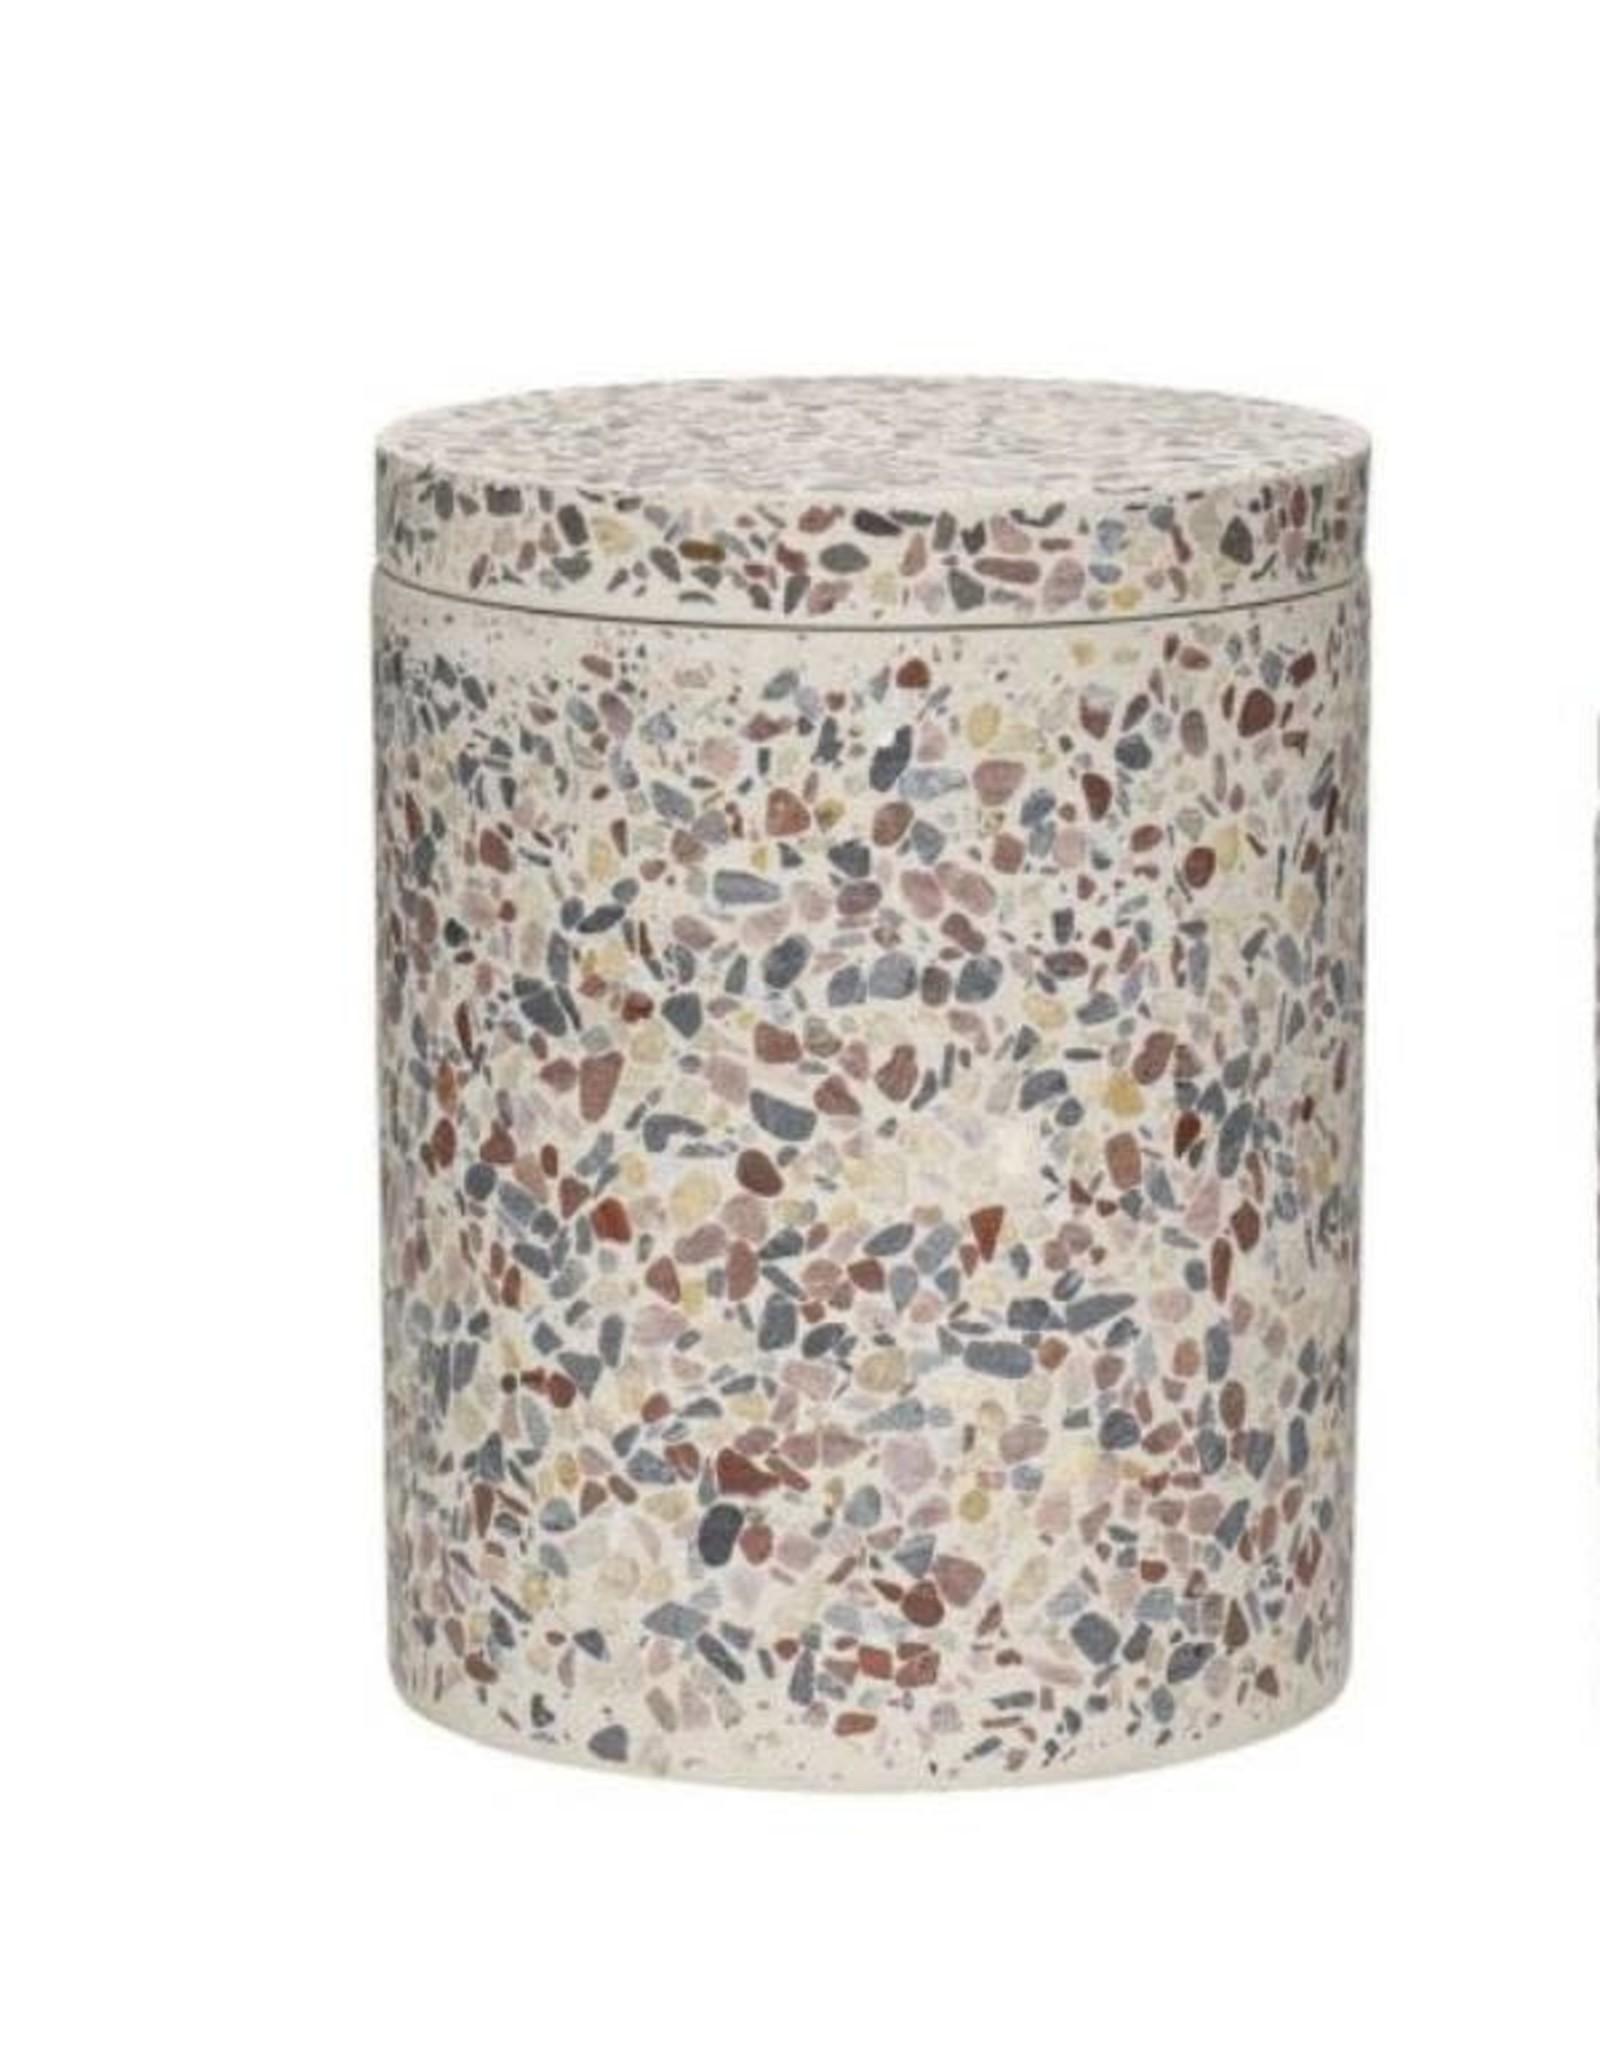 Hübsch Hübsch Storage Jar w/lid Terrazzo White Large